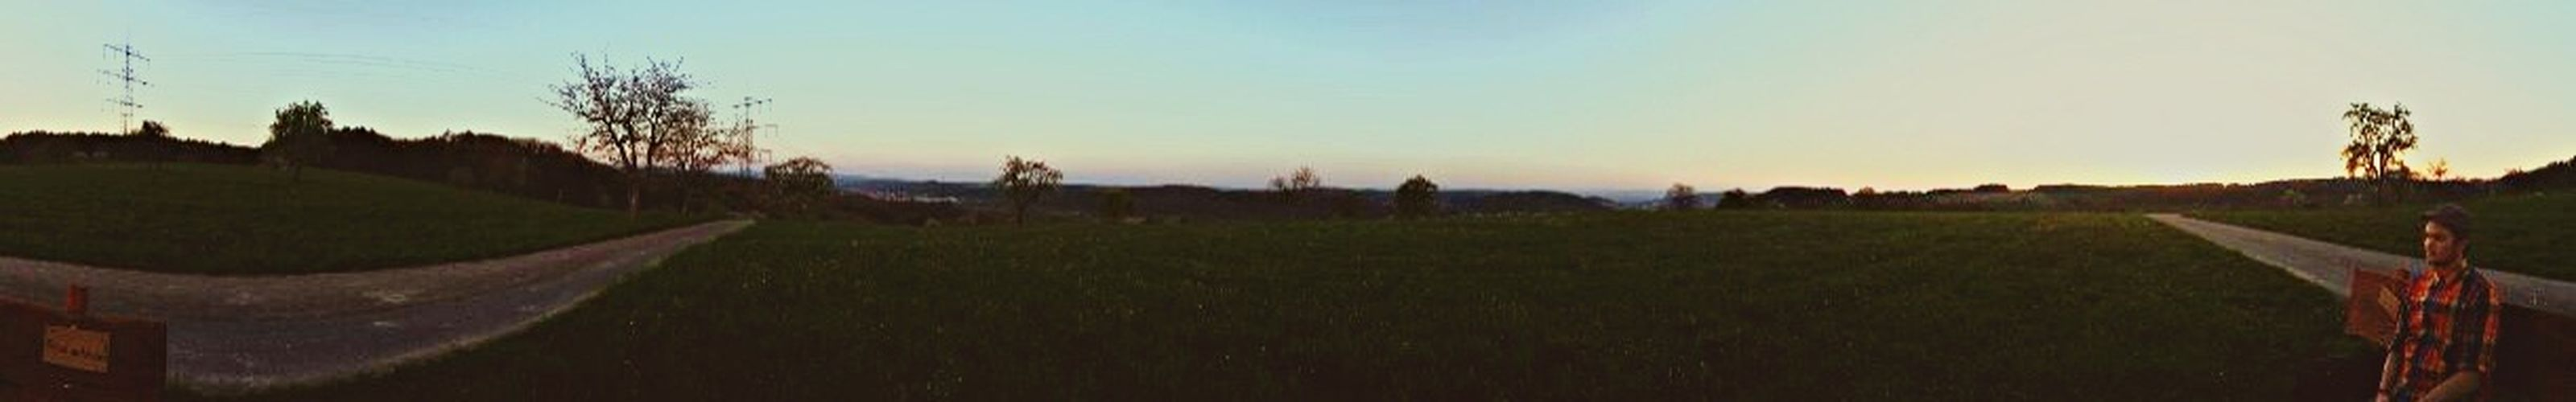 Mit Meinem Alles Aussicht Genießen Nature Look What I Found Sonnenuntergang Auf der Bank steht rutschet a bissl nöcher ☺️ ❤️